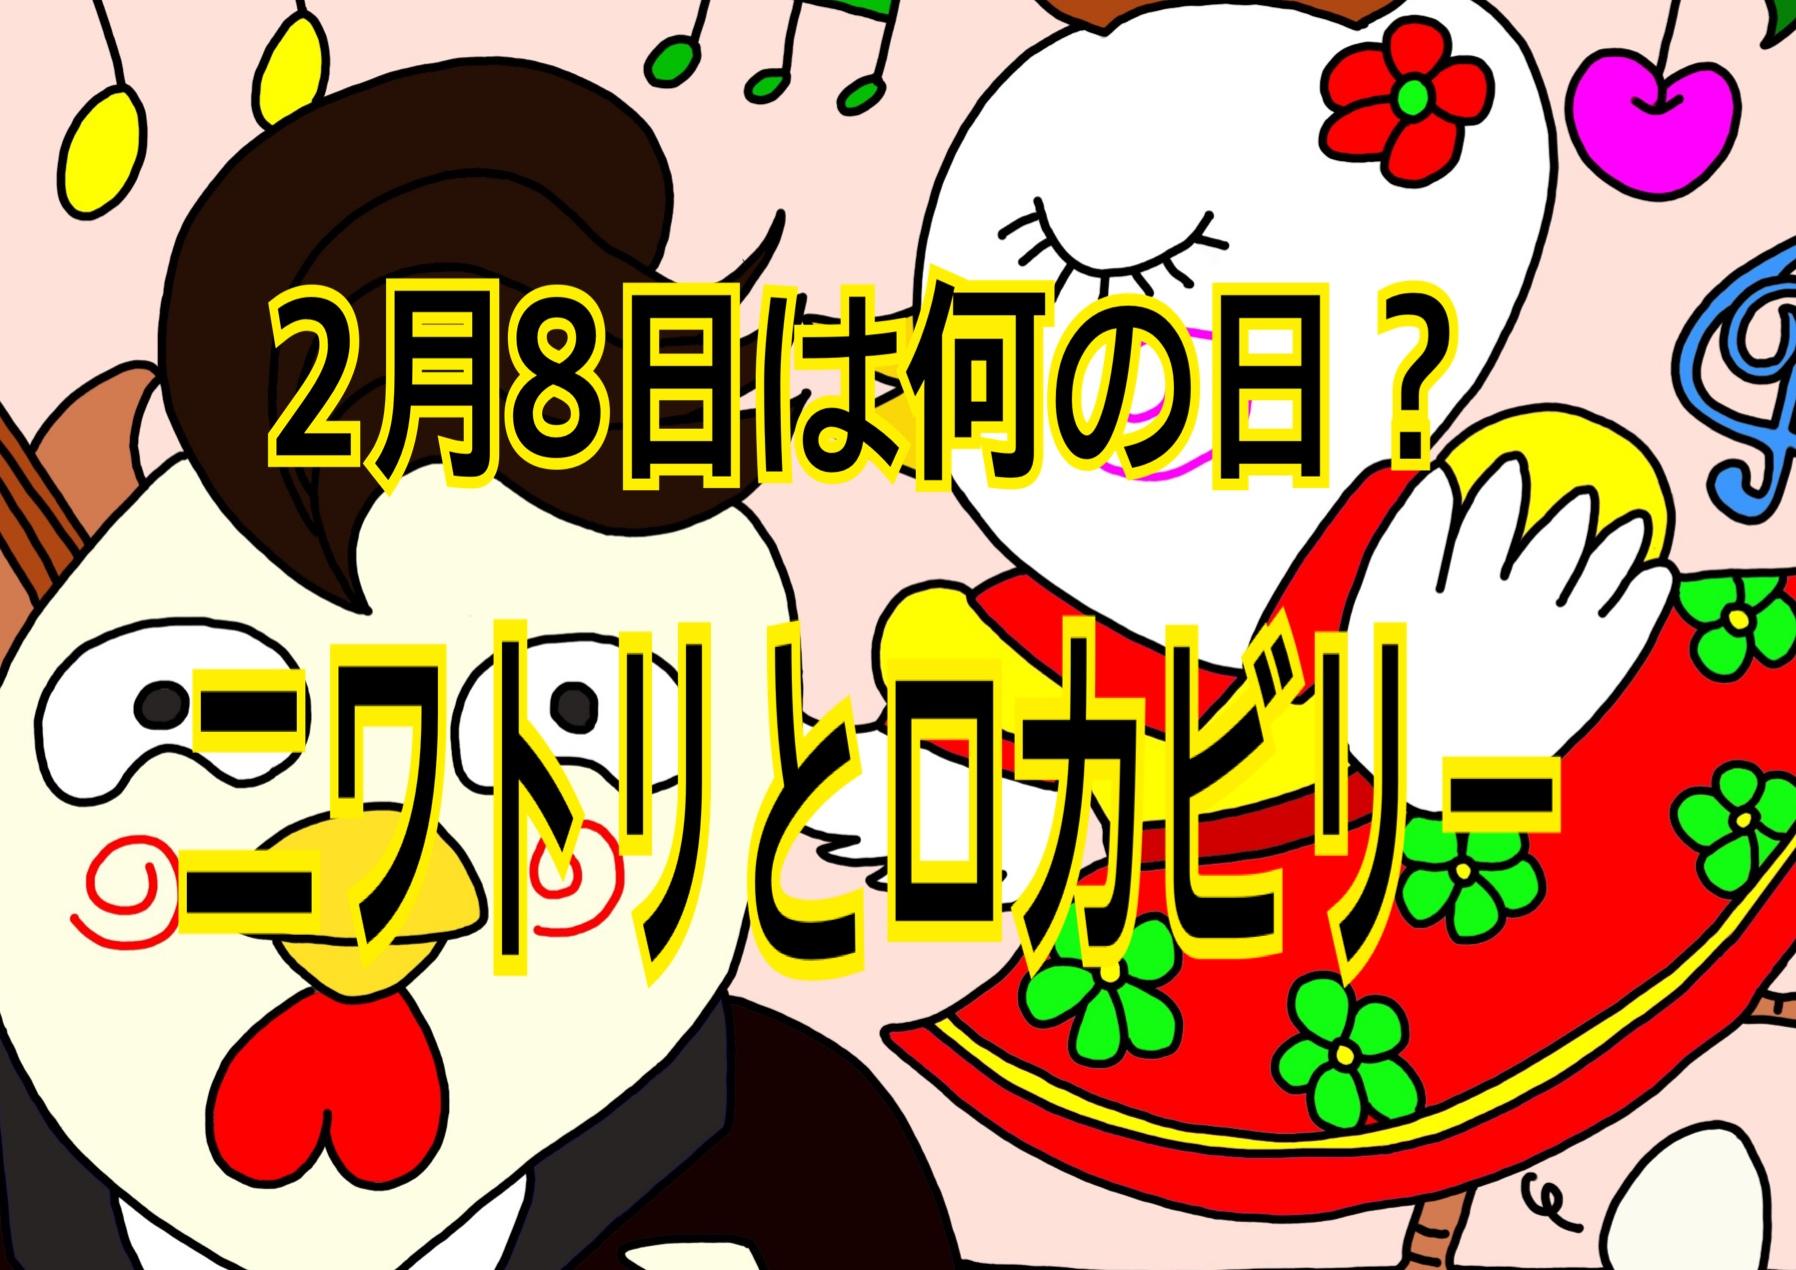 ニワトリとロカビリー★2月8日  は何の日?【オリジナルイラスト】